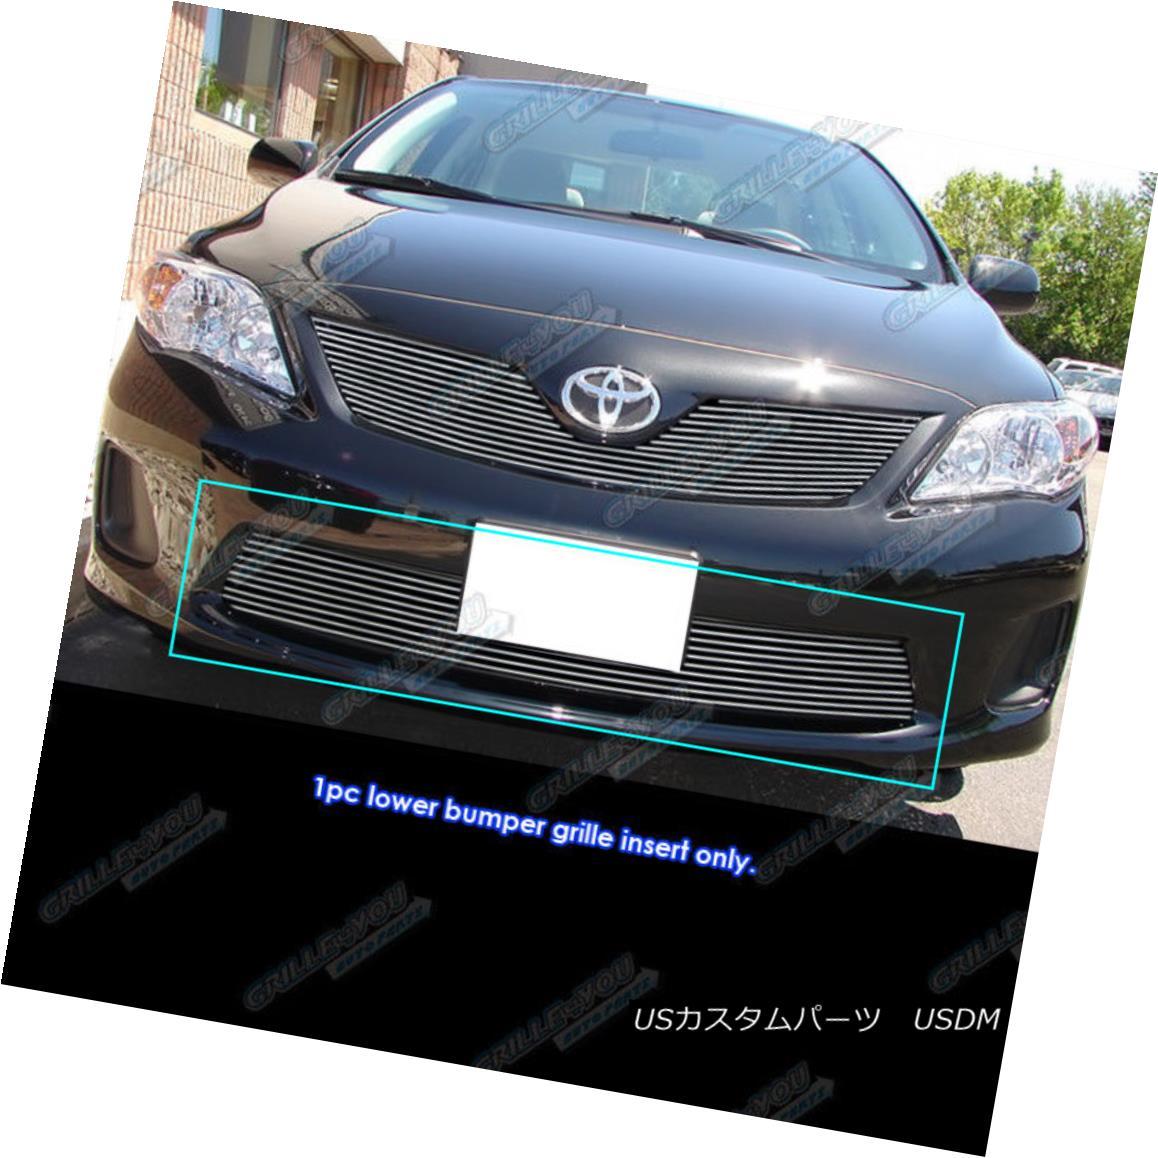 グリル Fits 2011-2013 Toyota Corolla Lower Bumper Billet Grille Grill Insert フィット2011-2013トヨタカローラロワーバンパービレットグリルグリルインサート